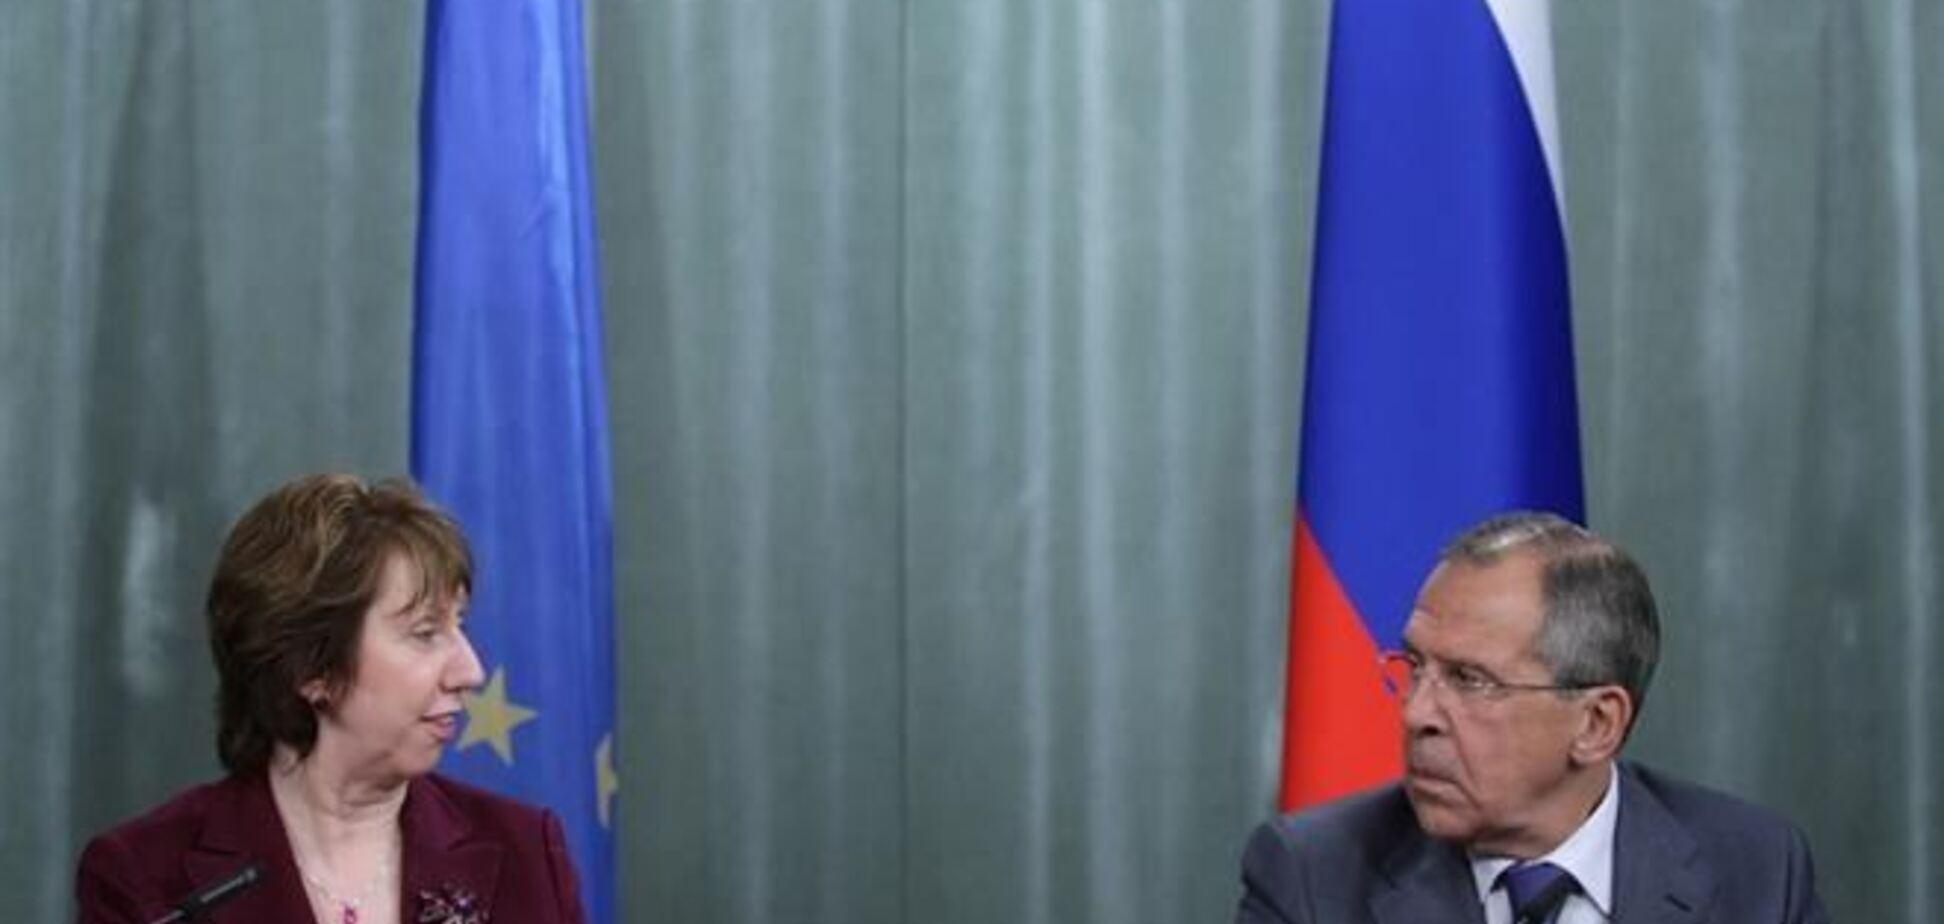 Ештон провела переговори по Україні з главою МЗС РФ